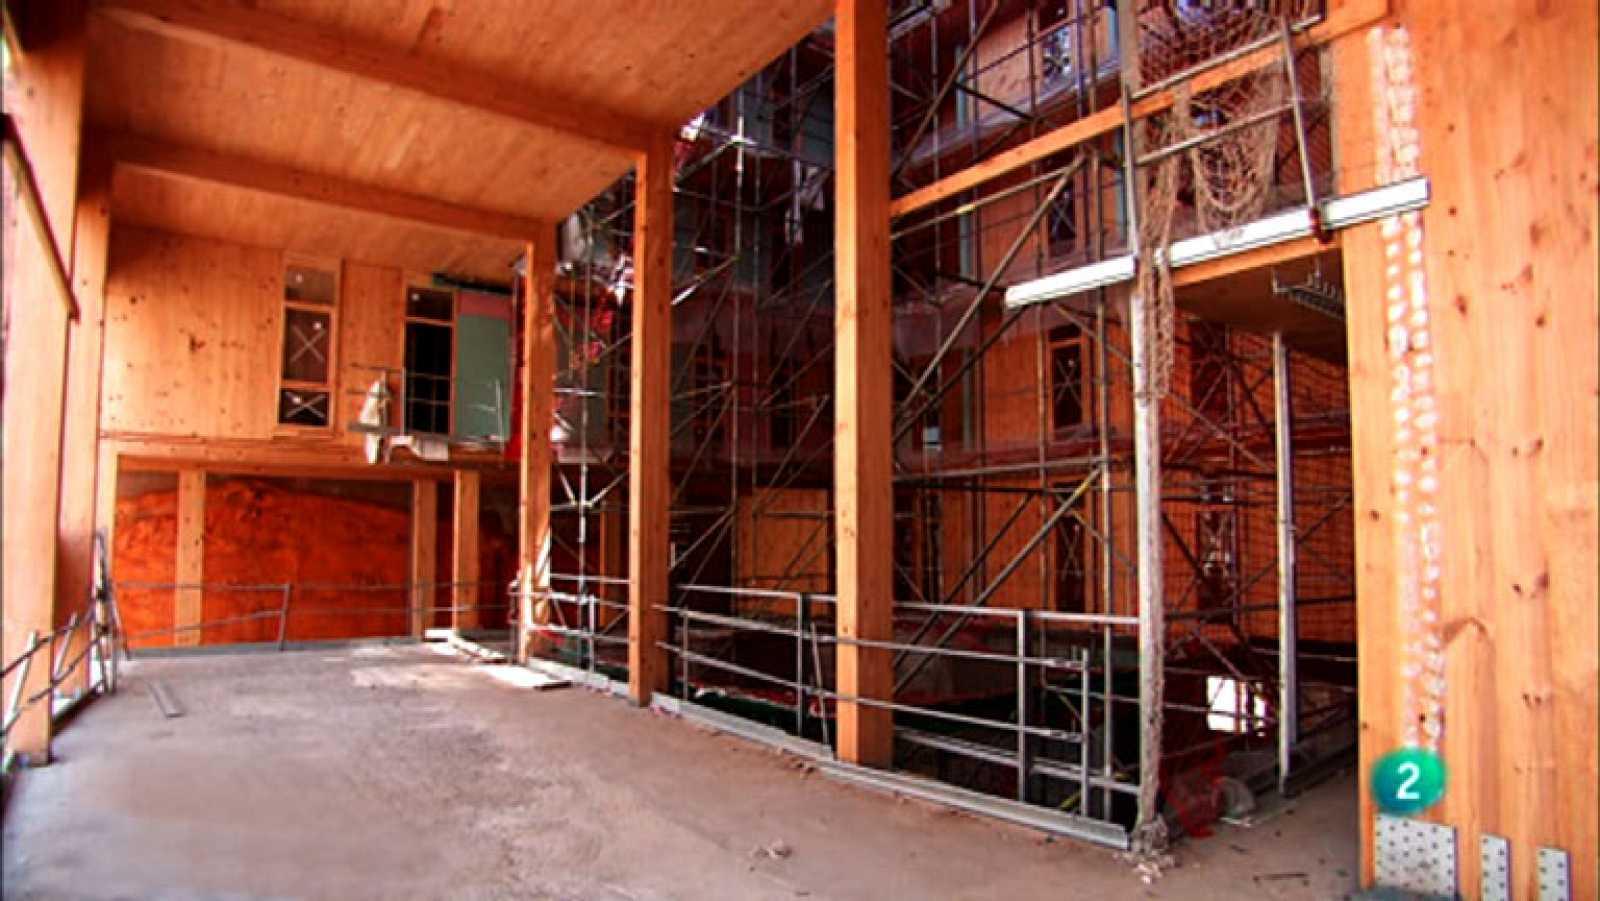 La aventura del saber Casas de madera contralaminada LaCol La Borda.hormigón arquitectura #AventuraSaberArquitectura